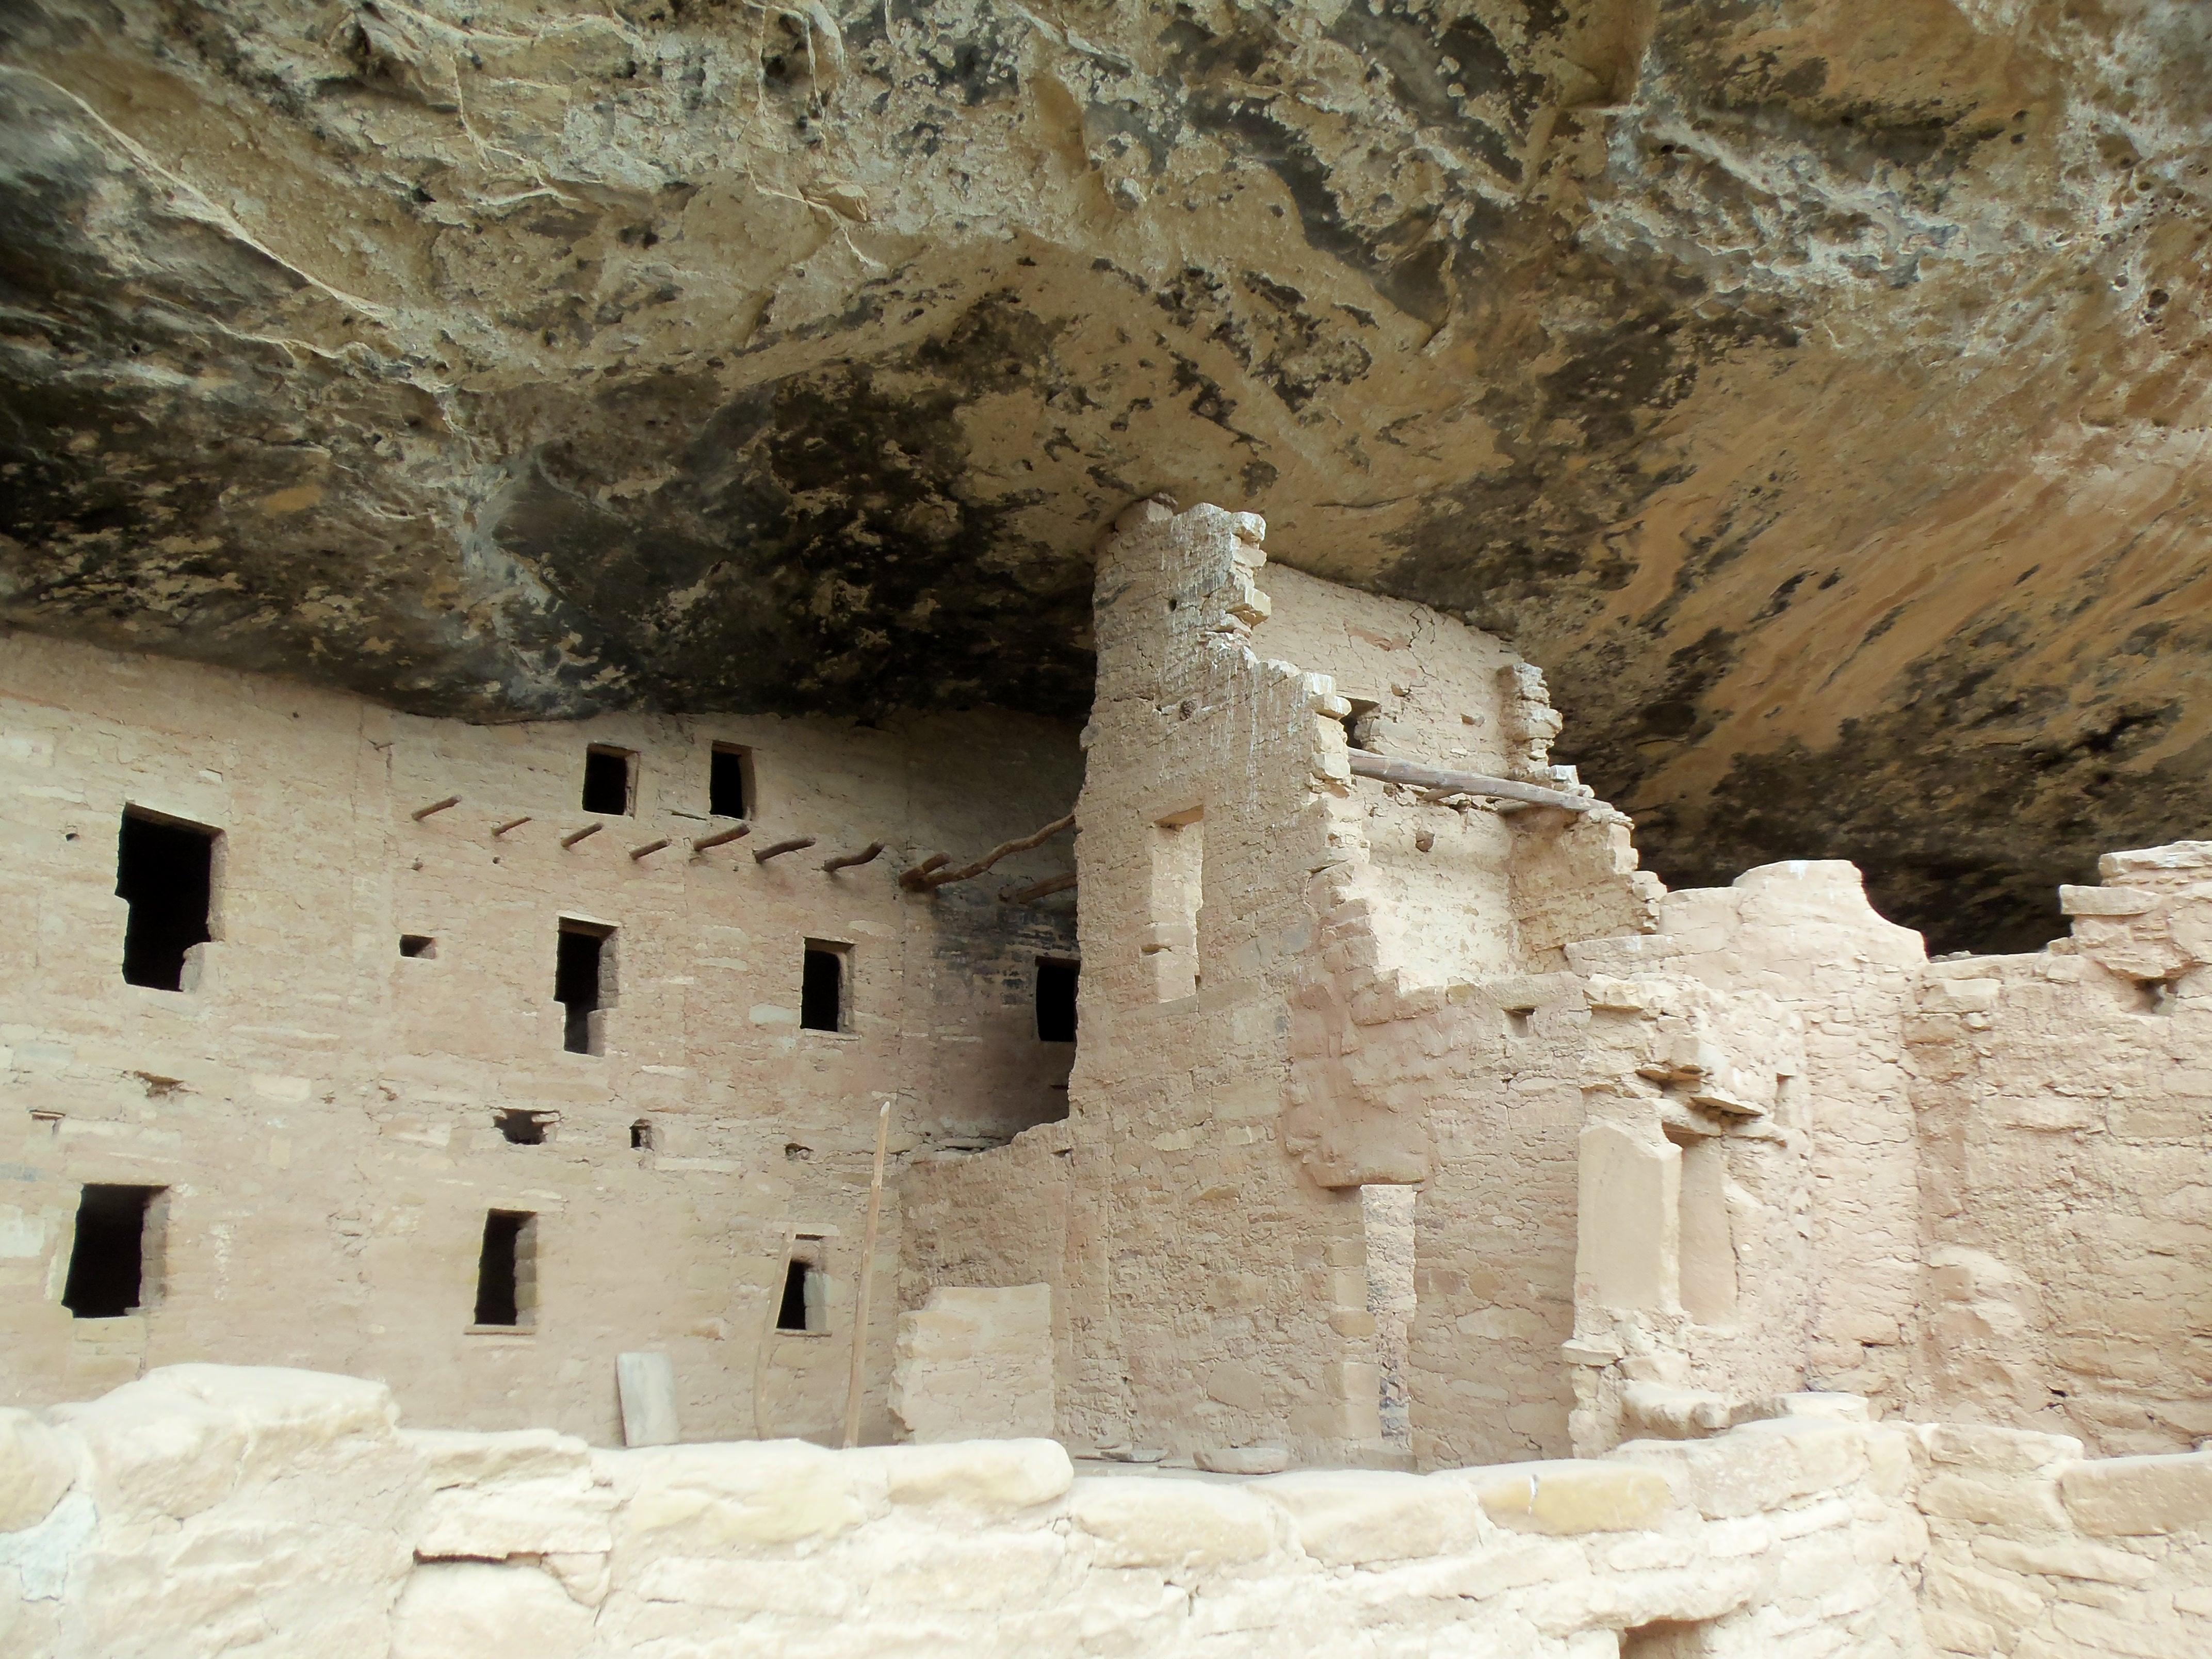 Mesa Verde; Glenda Taylor; OneAndAllWisdom.com CC2.0